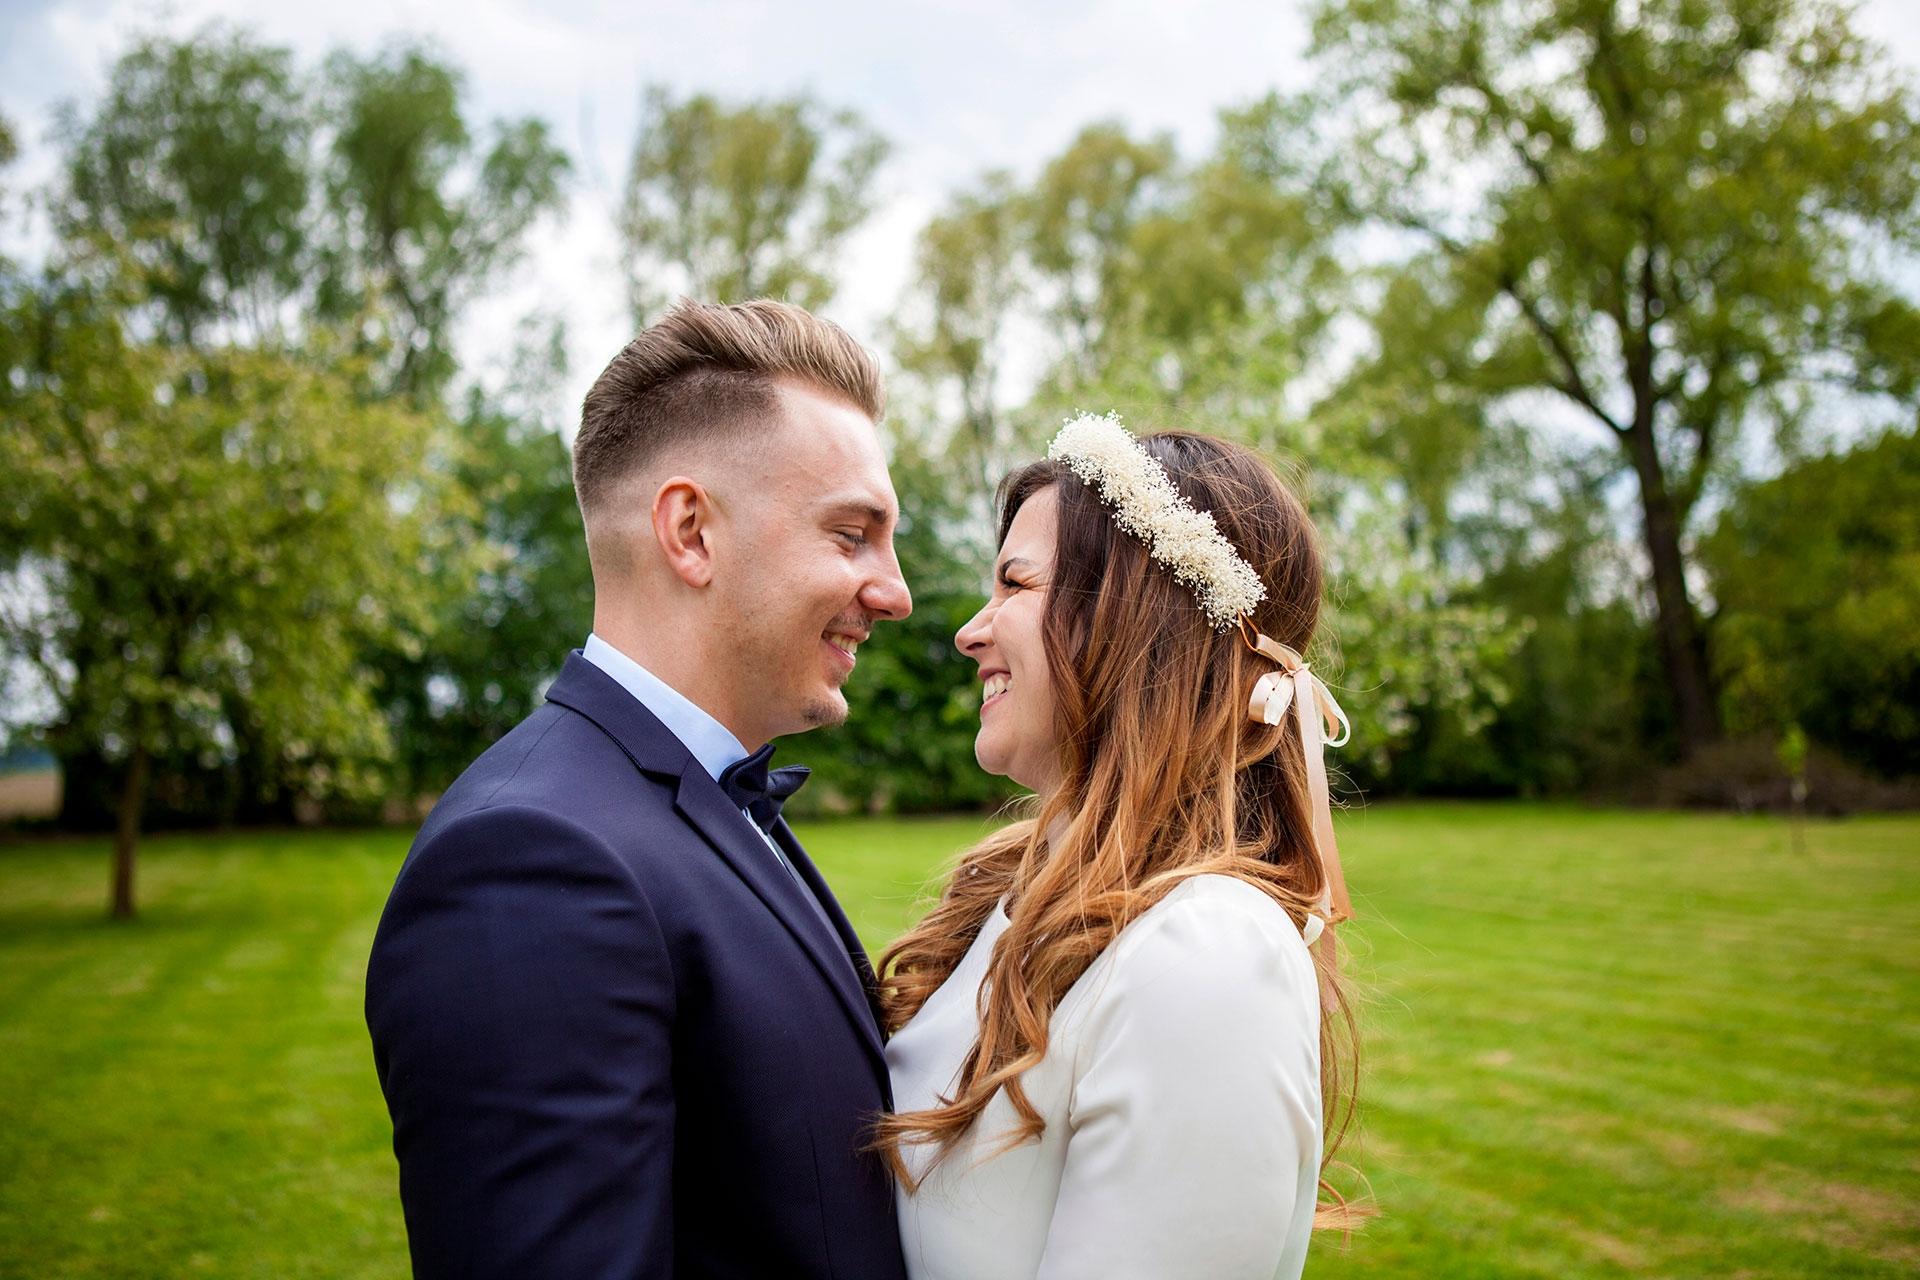 mariage-zelie-valentin-14